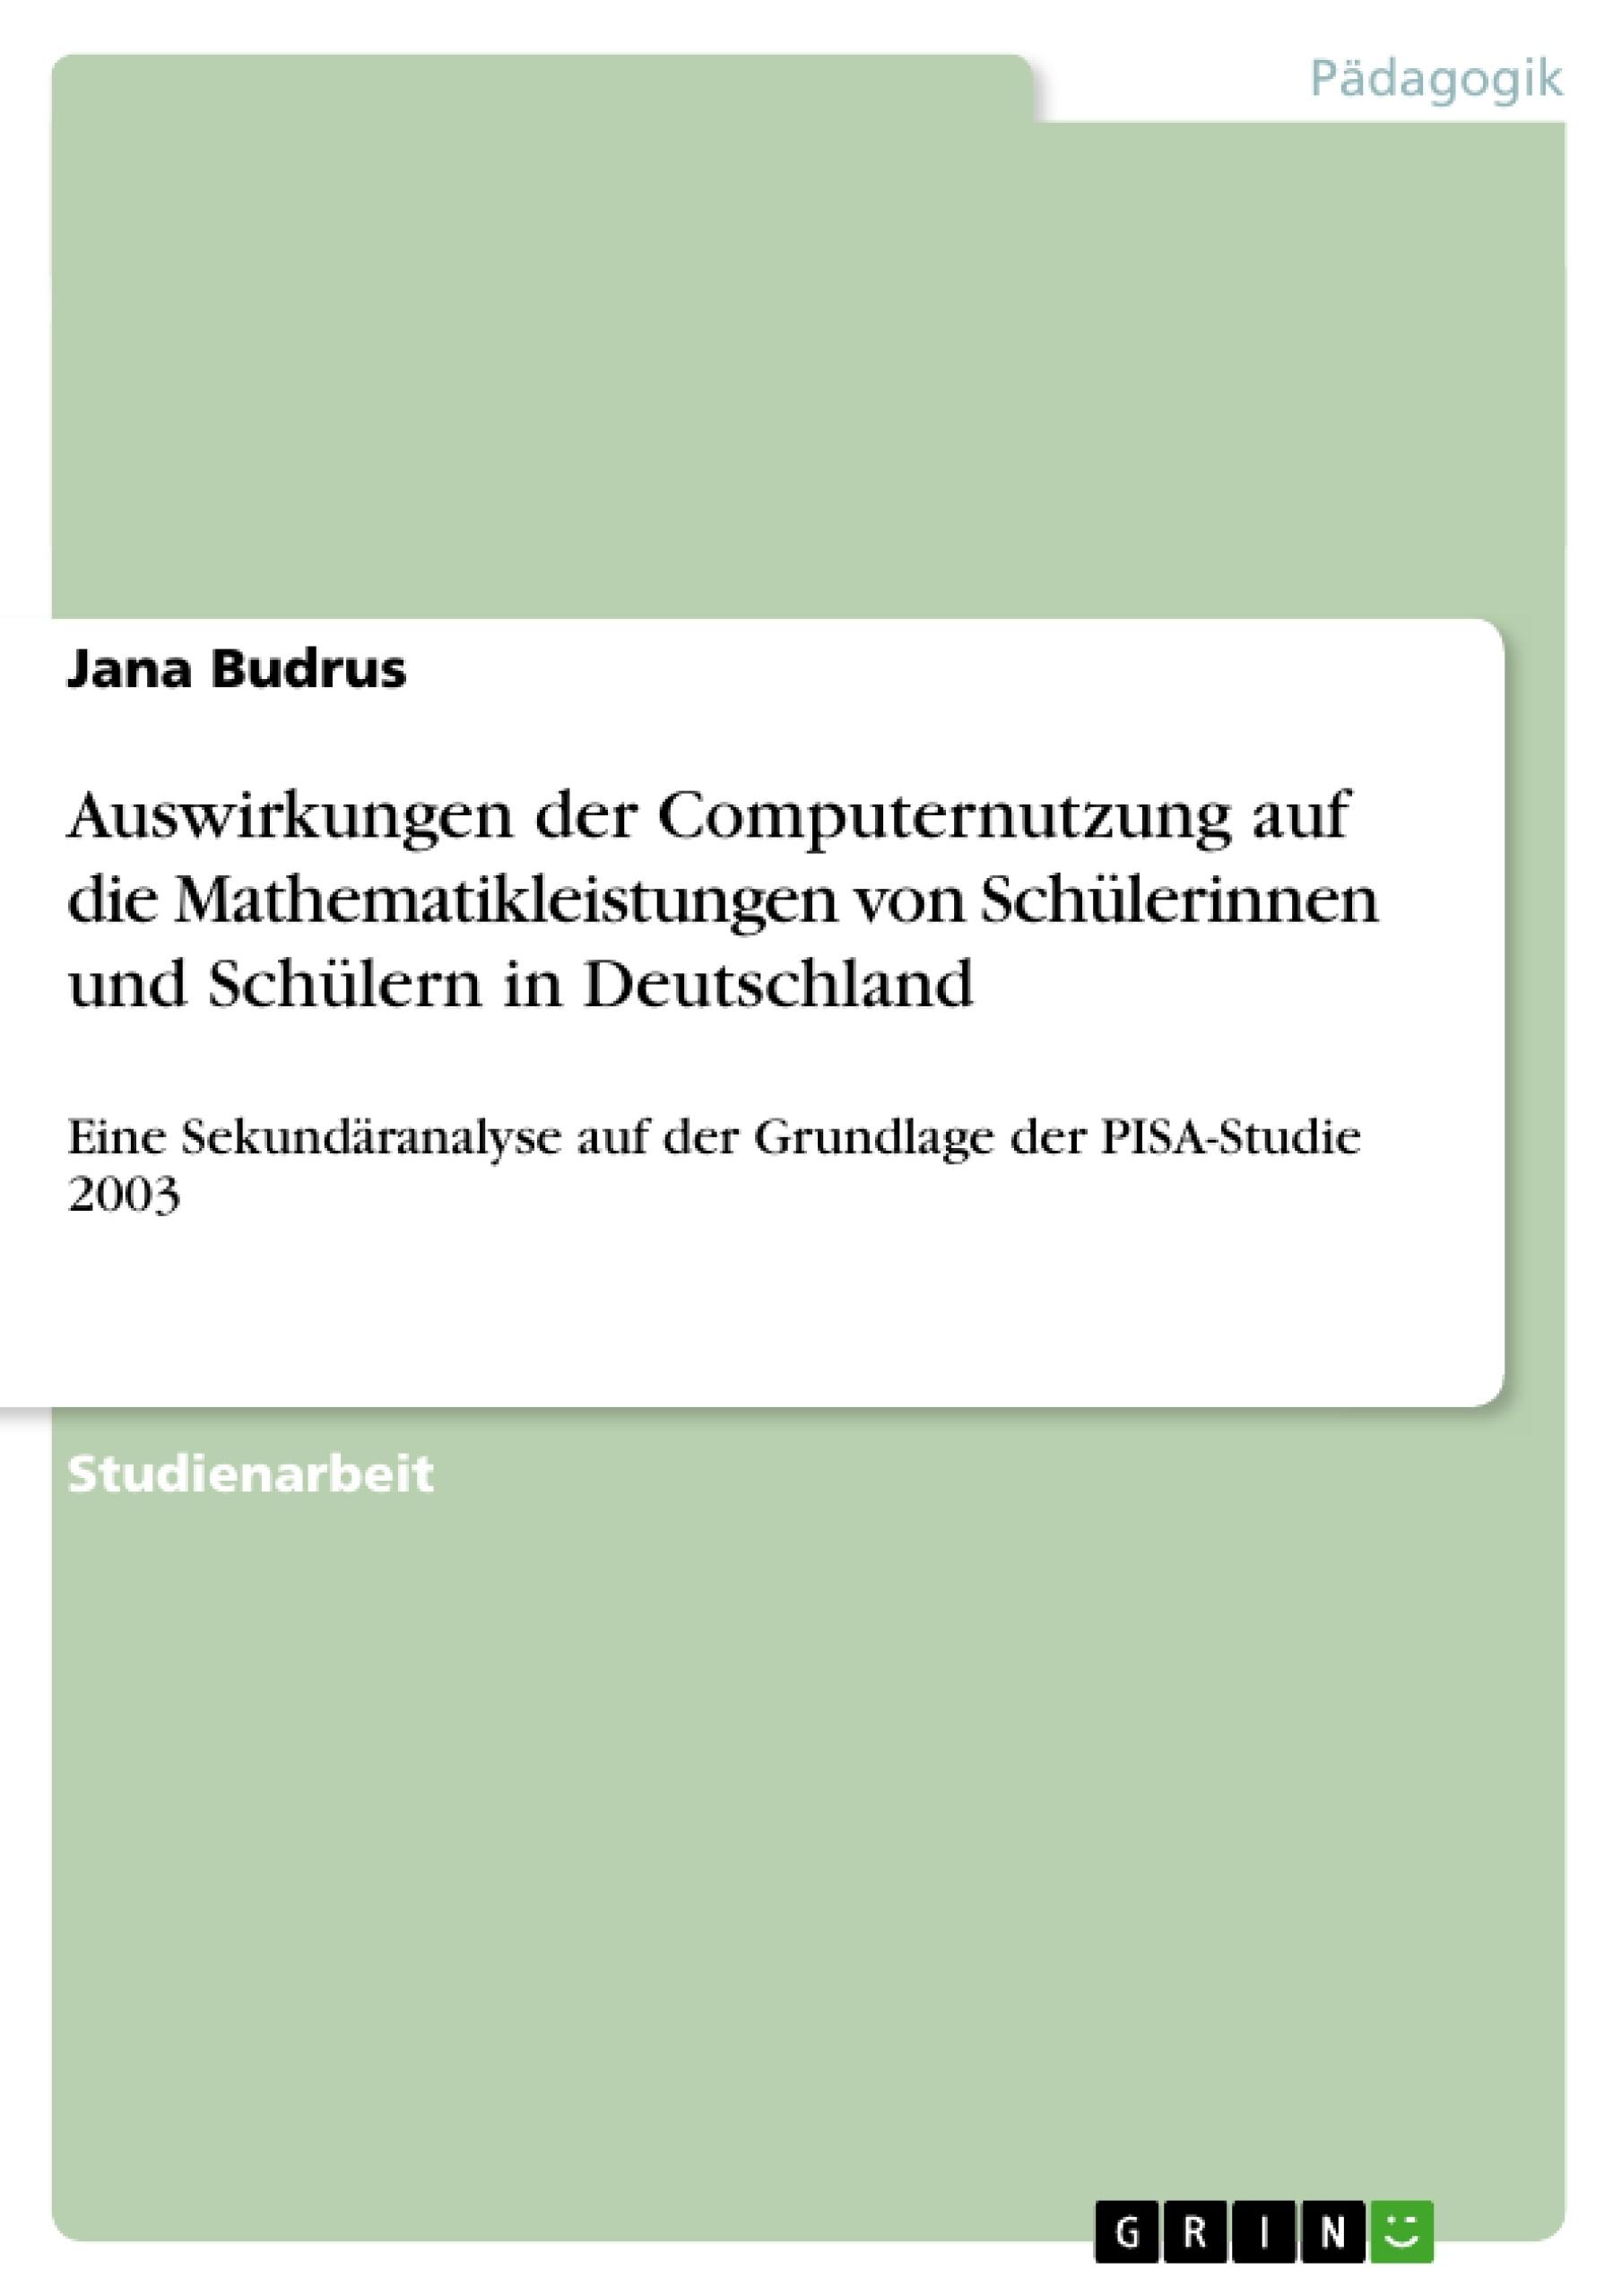 Titel: Auswirkungen der Computernutzung auf die Mathematikleistungen von Schülerinnen und Schülern in Deutschland